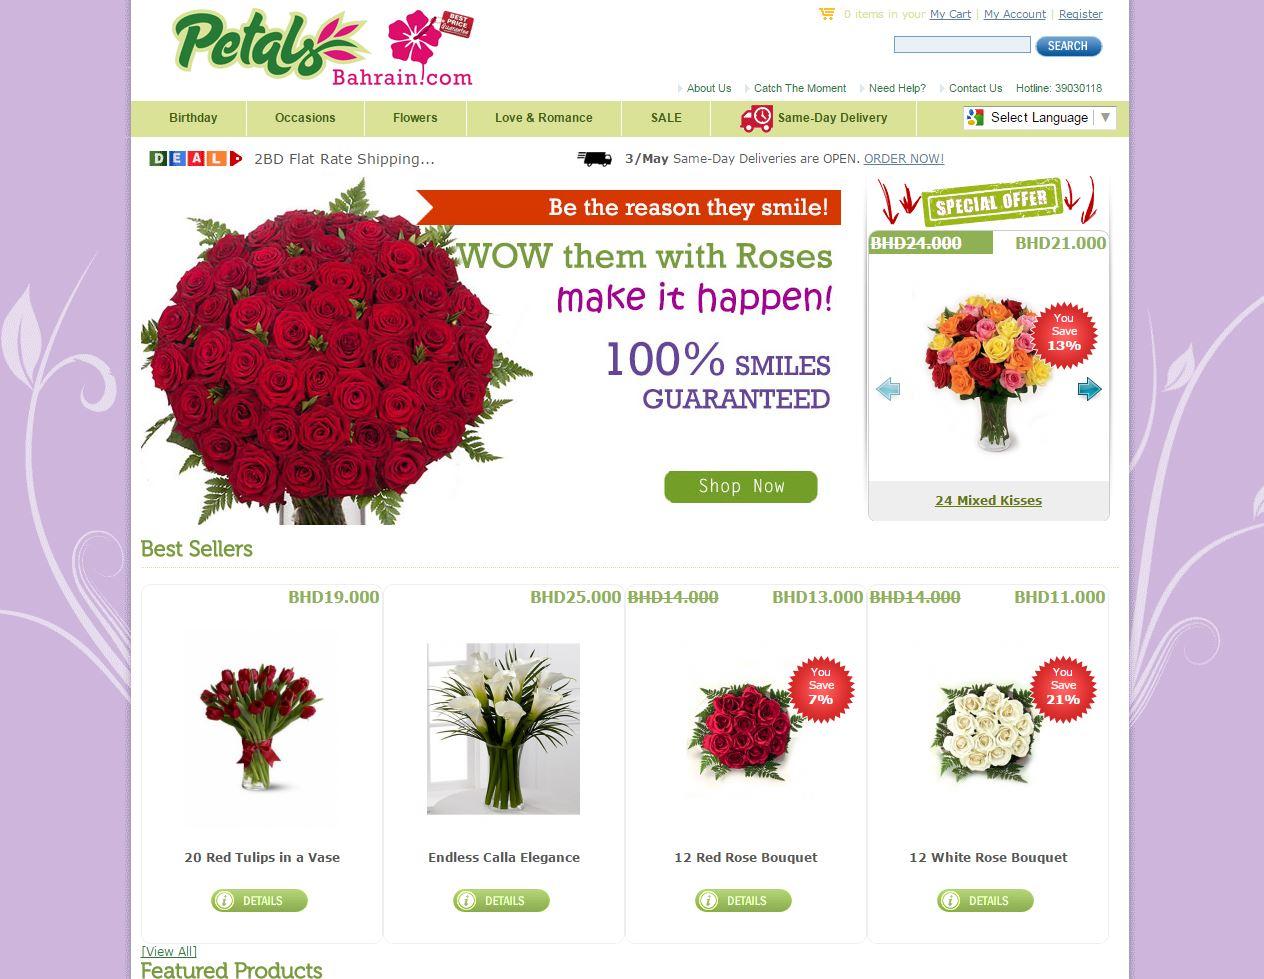 PetalsBahrain.com - BHR